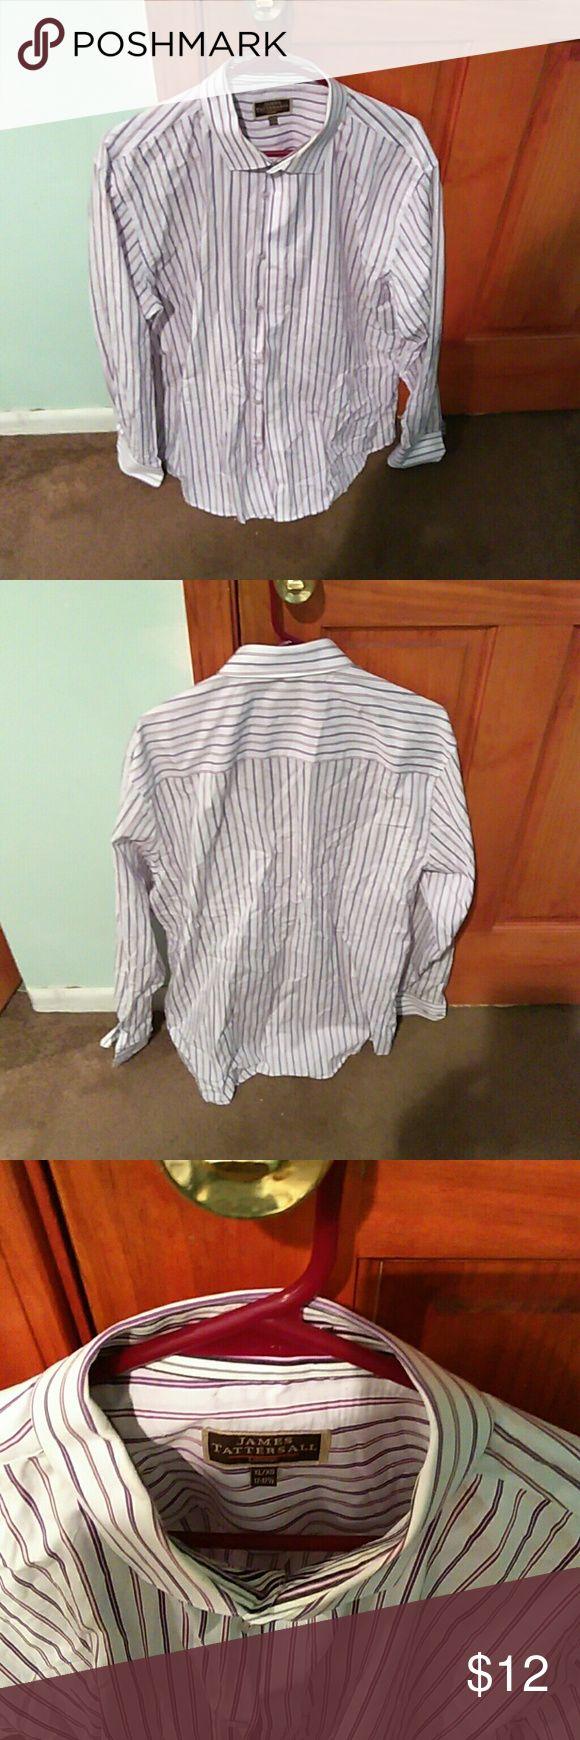 Men's casual dress shirt James Tattersall casual dress shirt James Tattersall Shirts